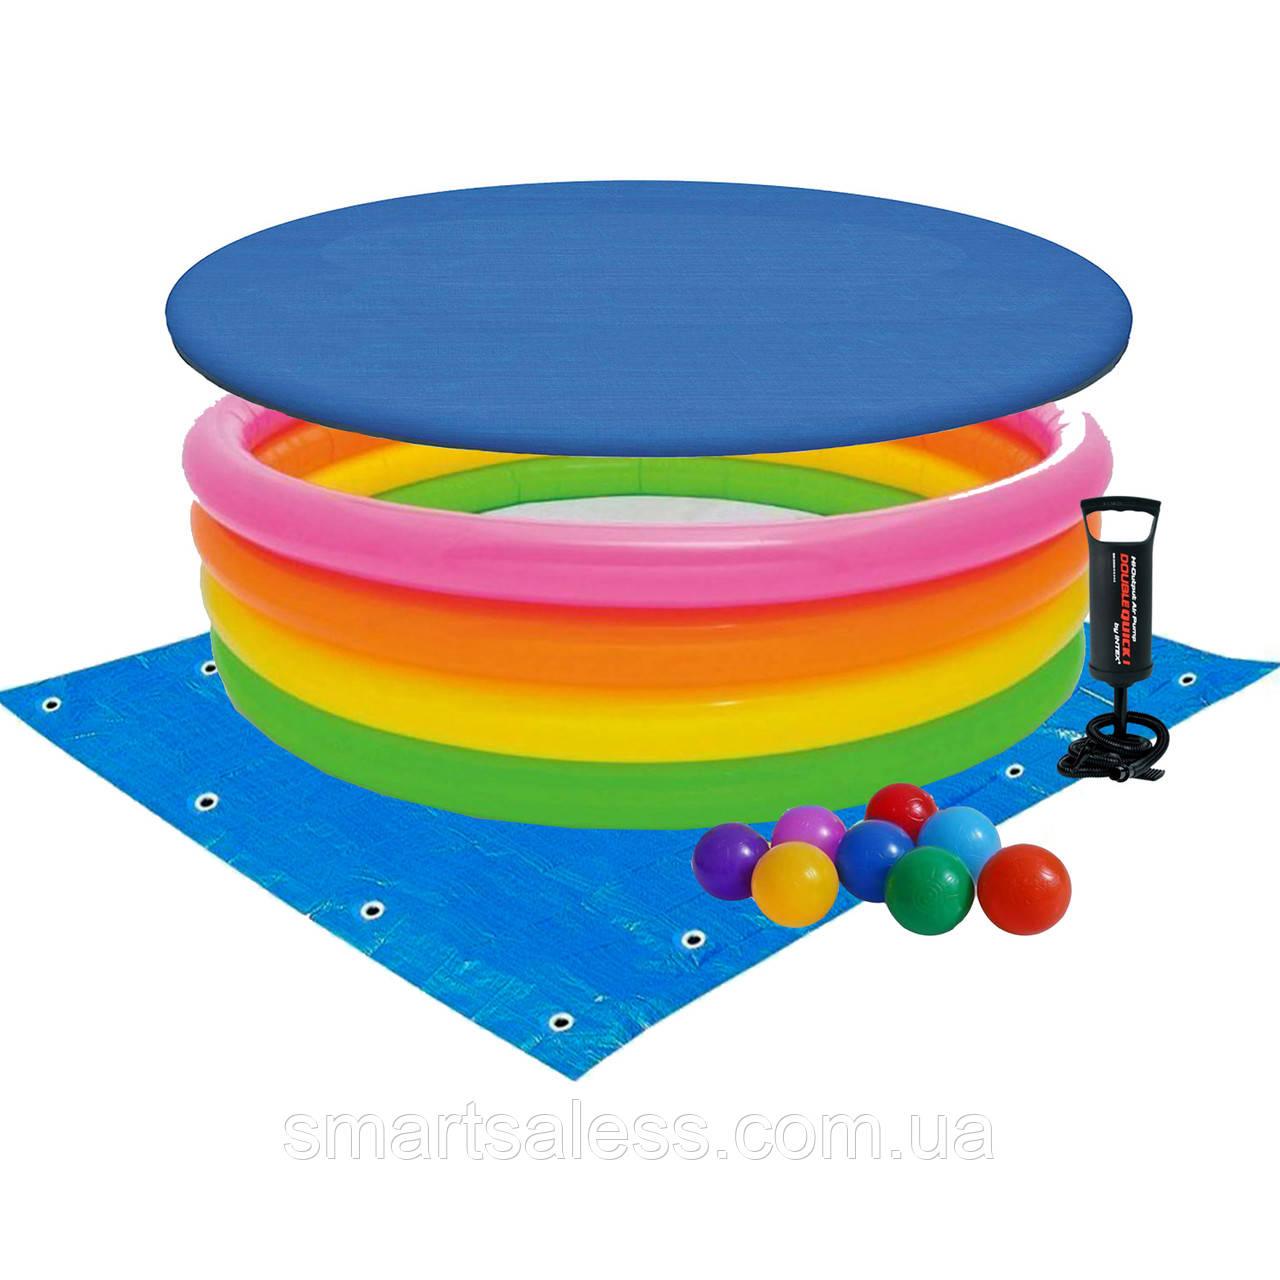 Детский надувной бассейн Intex 56441-3 «Радуга», 168 х 46 см, с шариками 10 шт, тентом, подстилкой и насосом